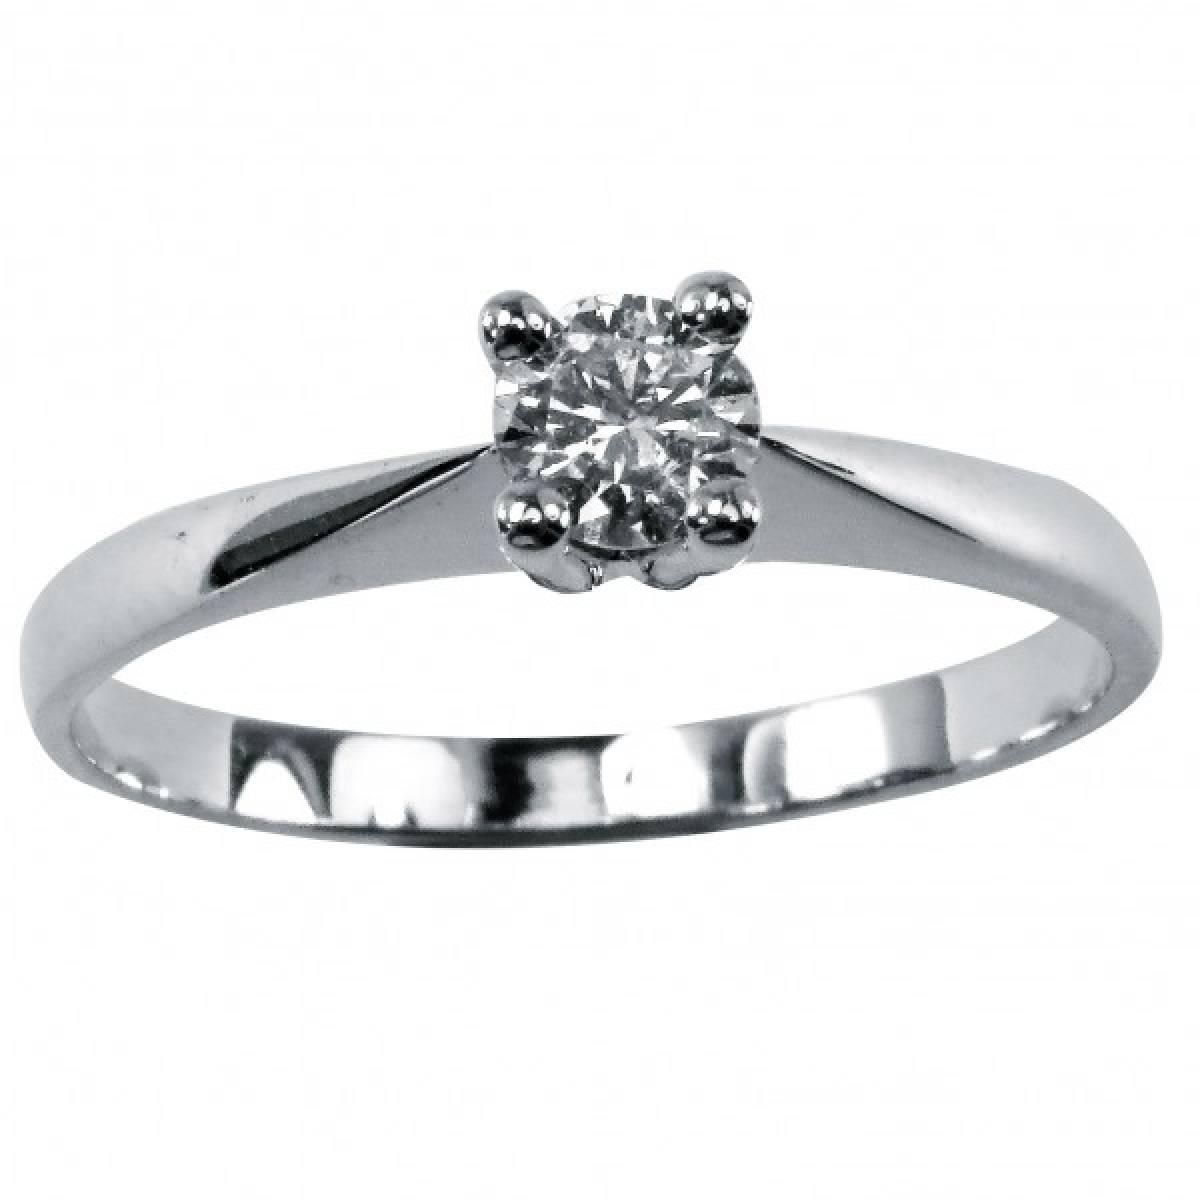 Anel de Noivado em ouro branco com diamante ou zircónia